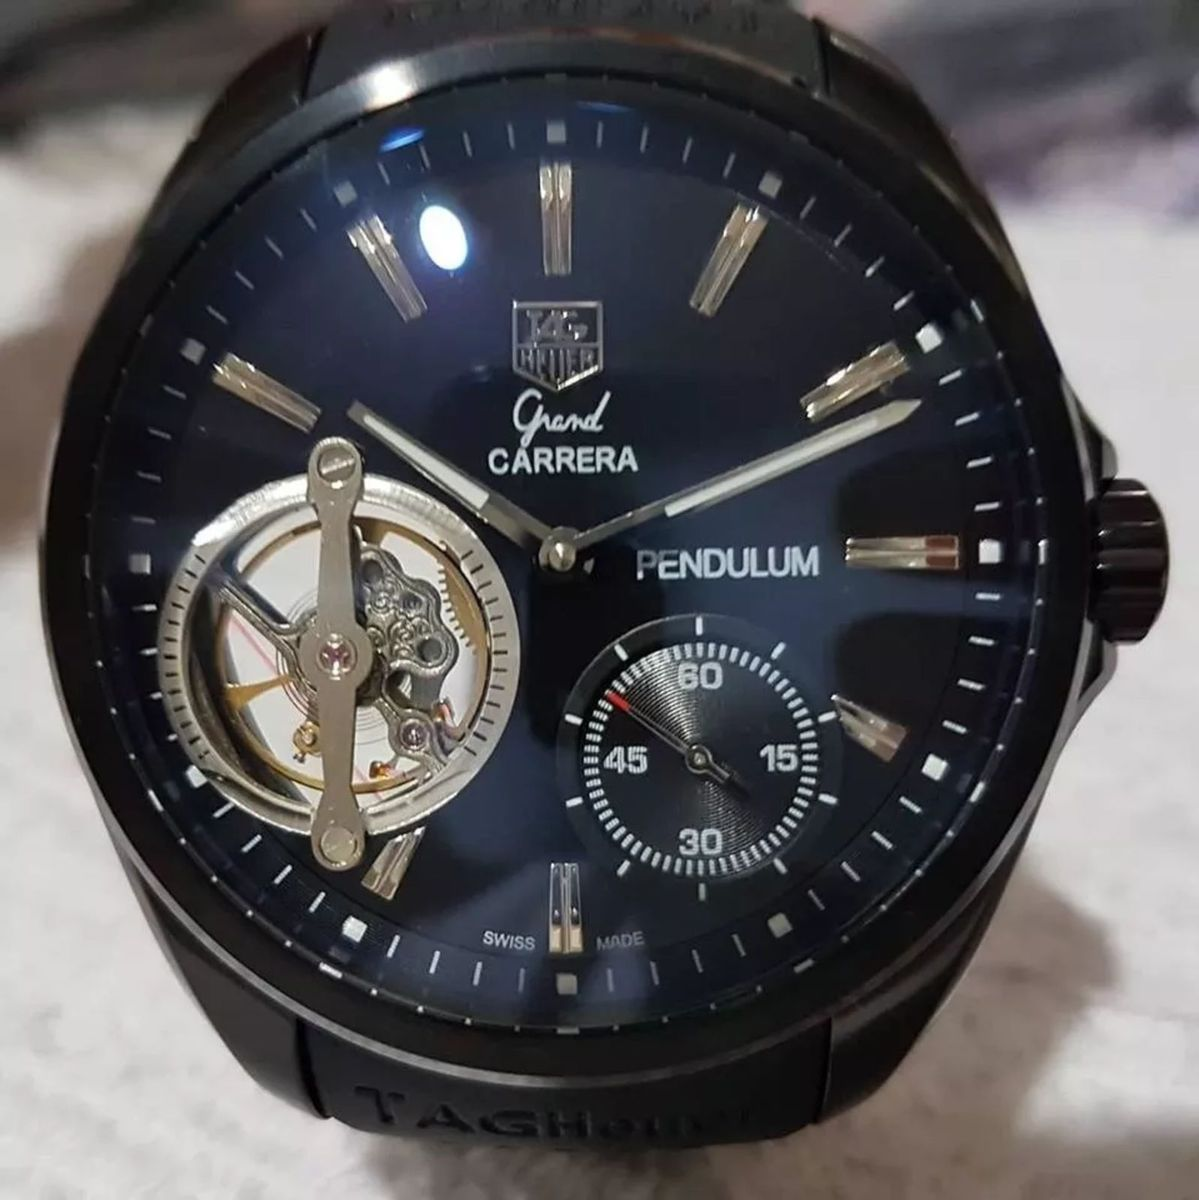 e603703d171 relogio masculino pendulum tag carreira - relógios tag heuer